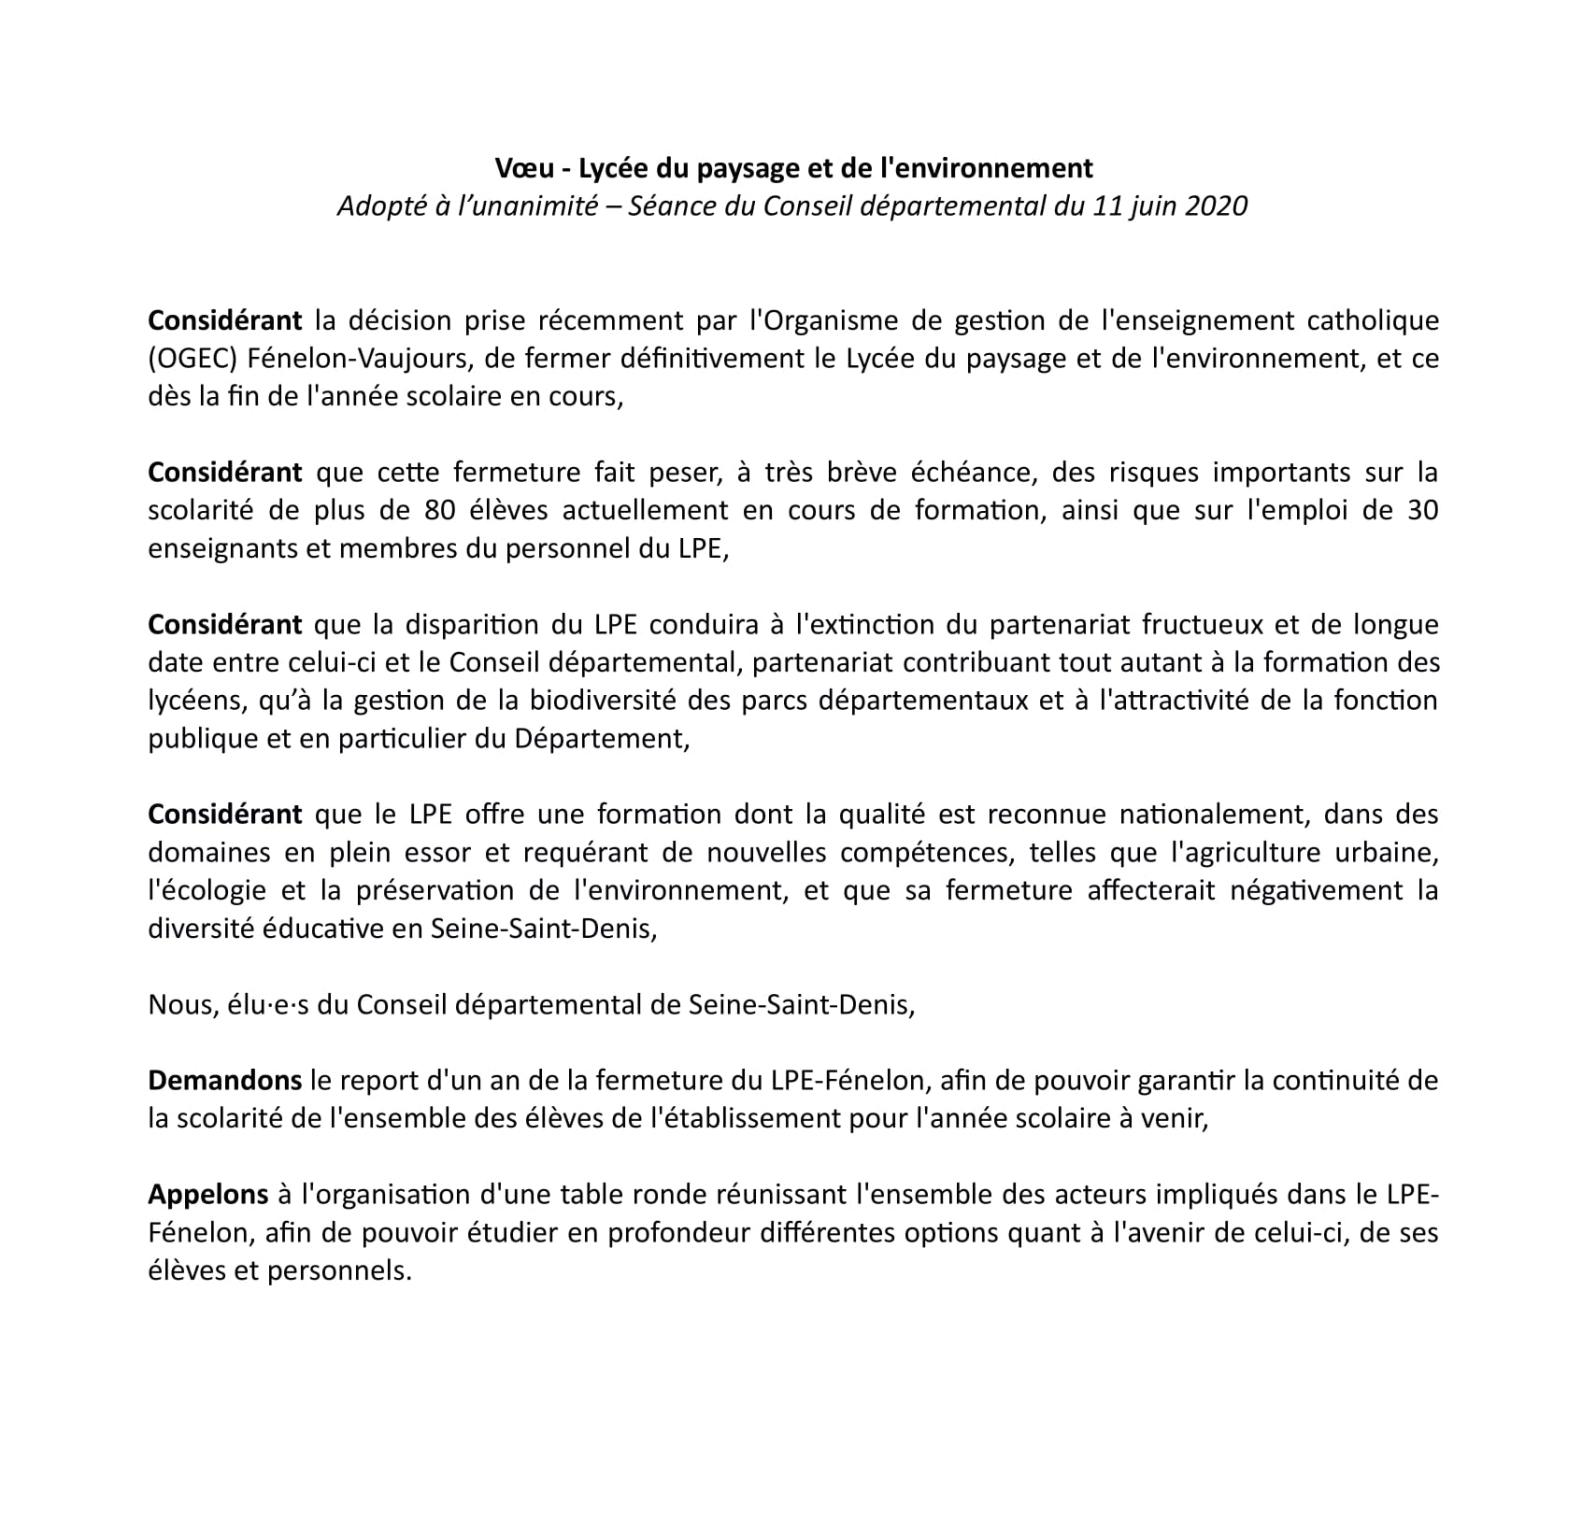 200611 Voeu Conseil départemental 93 LPE-1